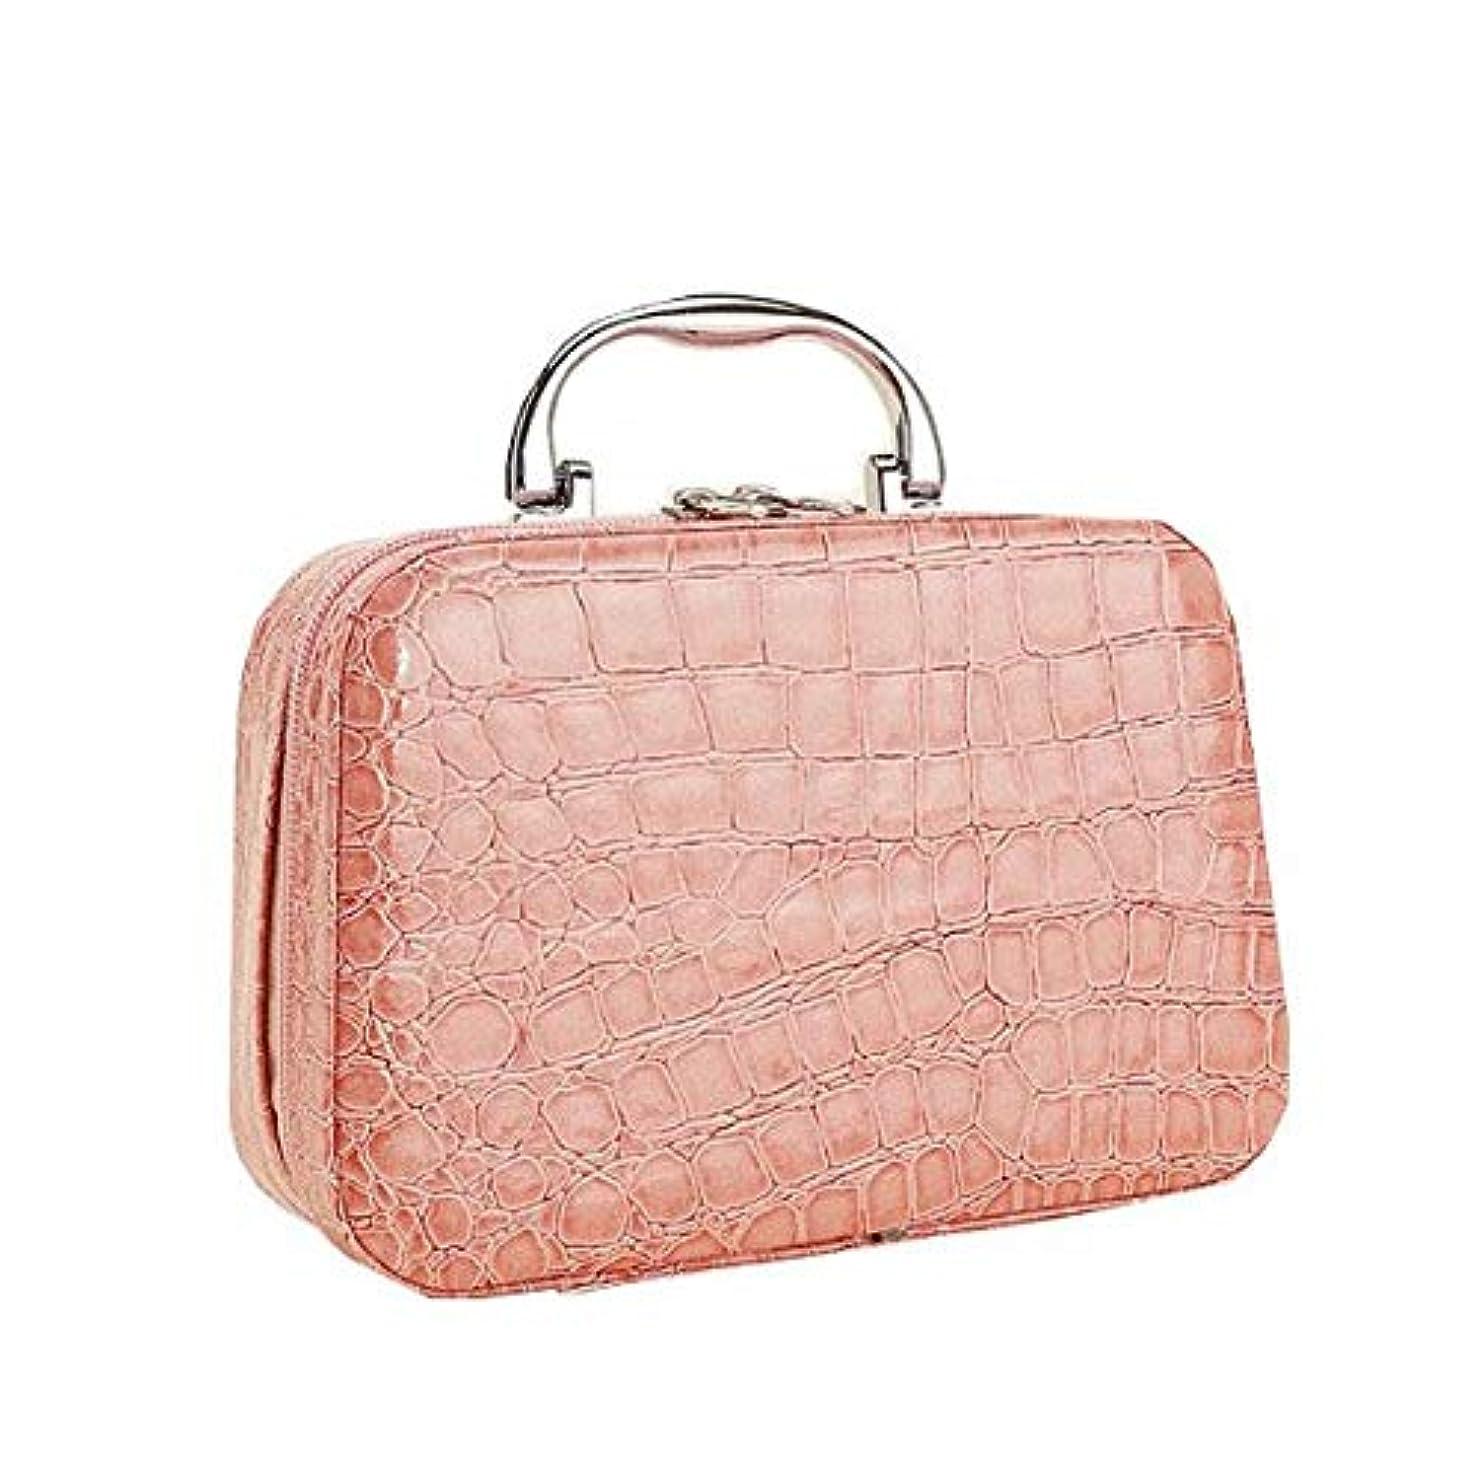 良性うれしい集団的化粧箱、ピンクのワニ皮の化粧箱、携帯用携帯用旅行化粧品の箱、美の釘の宝石類の収納箱